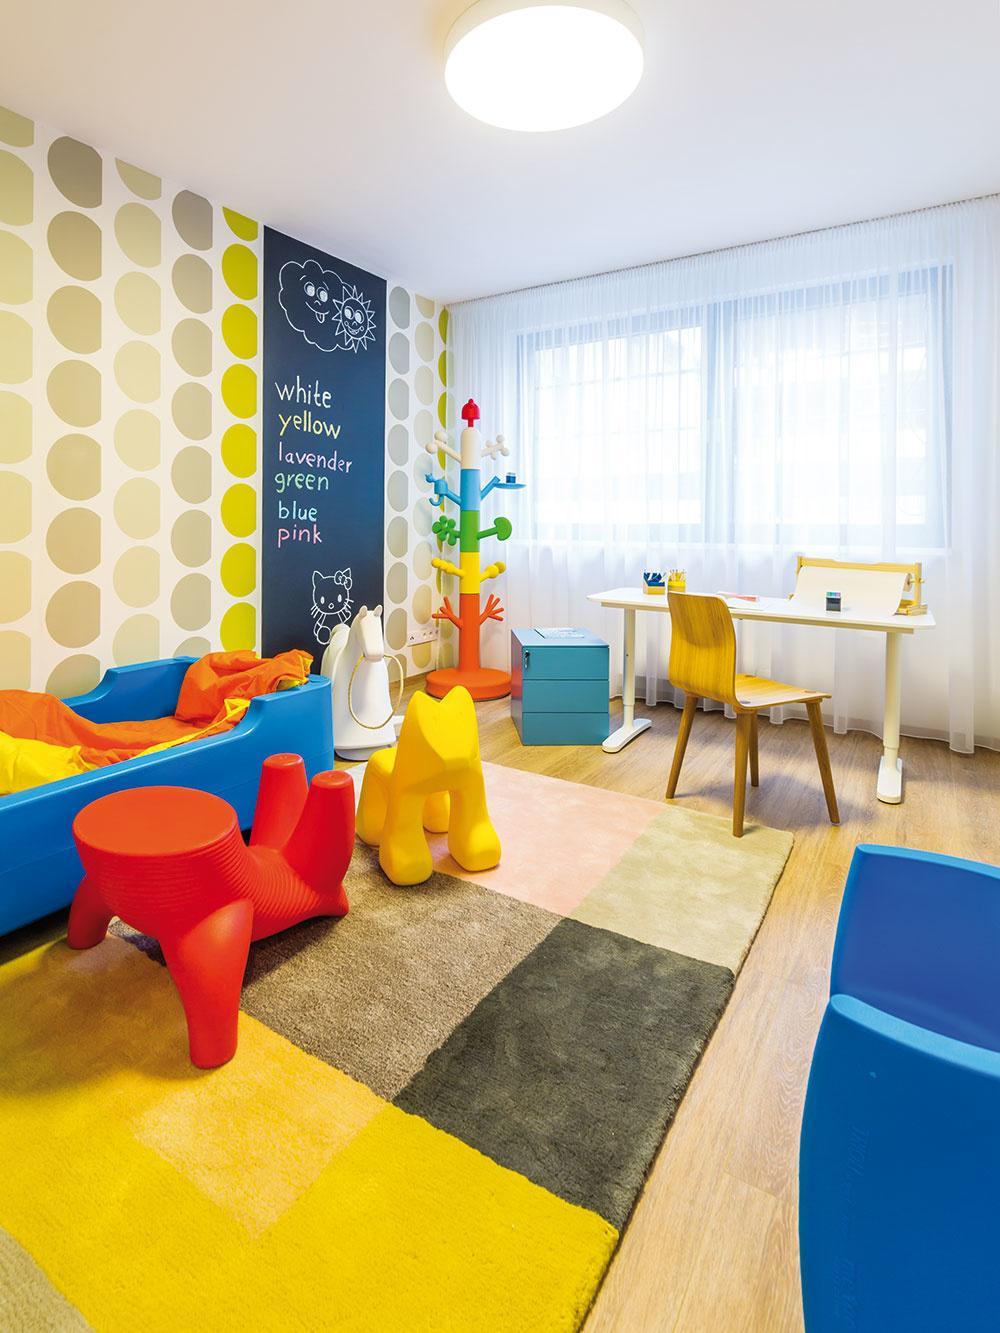 Vdetskej izbe dominujú veselé farby aodolné plasty – hravý štýl, ktorý osloví väčšinu malých detí aj ich rodičov. Kaktuálnym interiérovým trendom patria aj tapety atabuľová farba, ktoré sú na využitie vdetskej izbe ako stvorené.